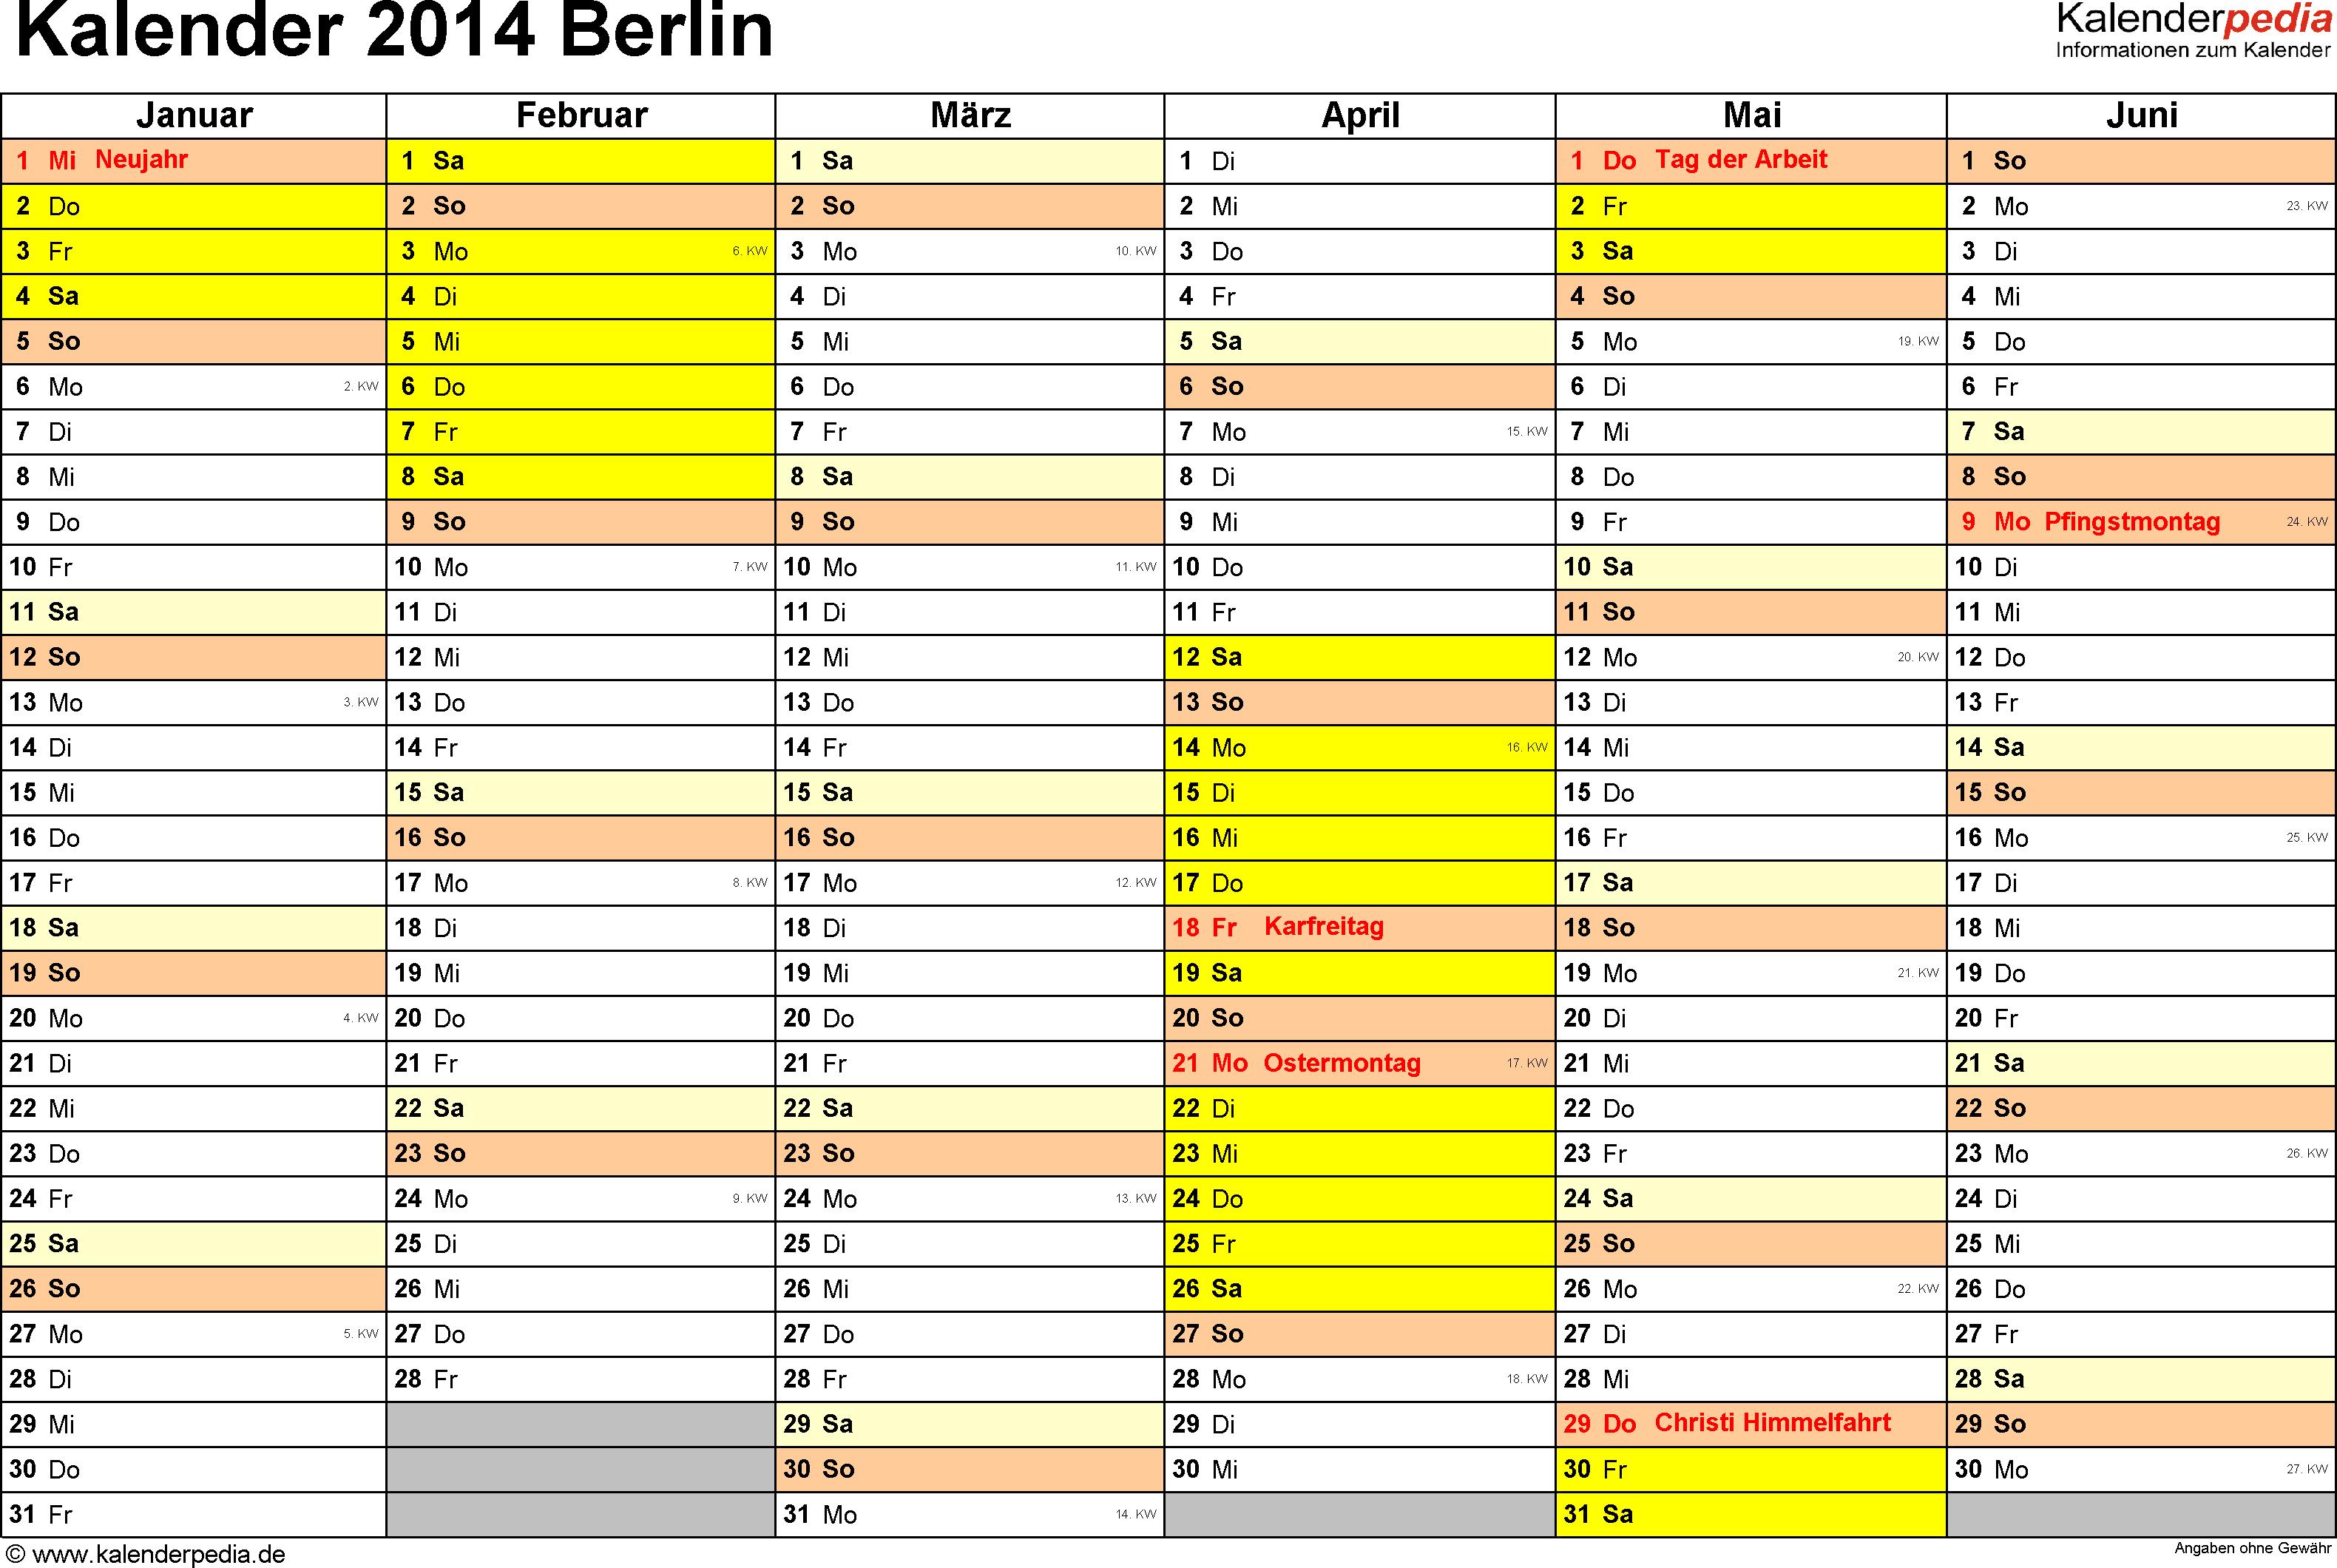 Vorlage 2: Kalender 2014 für Berlin als Excel-Vorlage (Querformat, 2 Seiten)